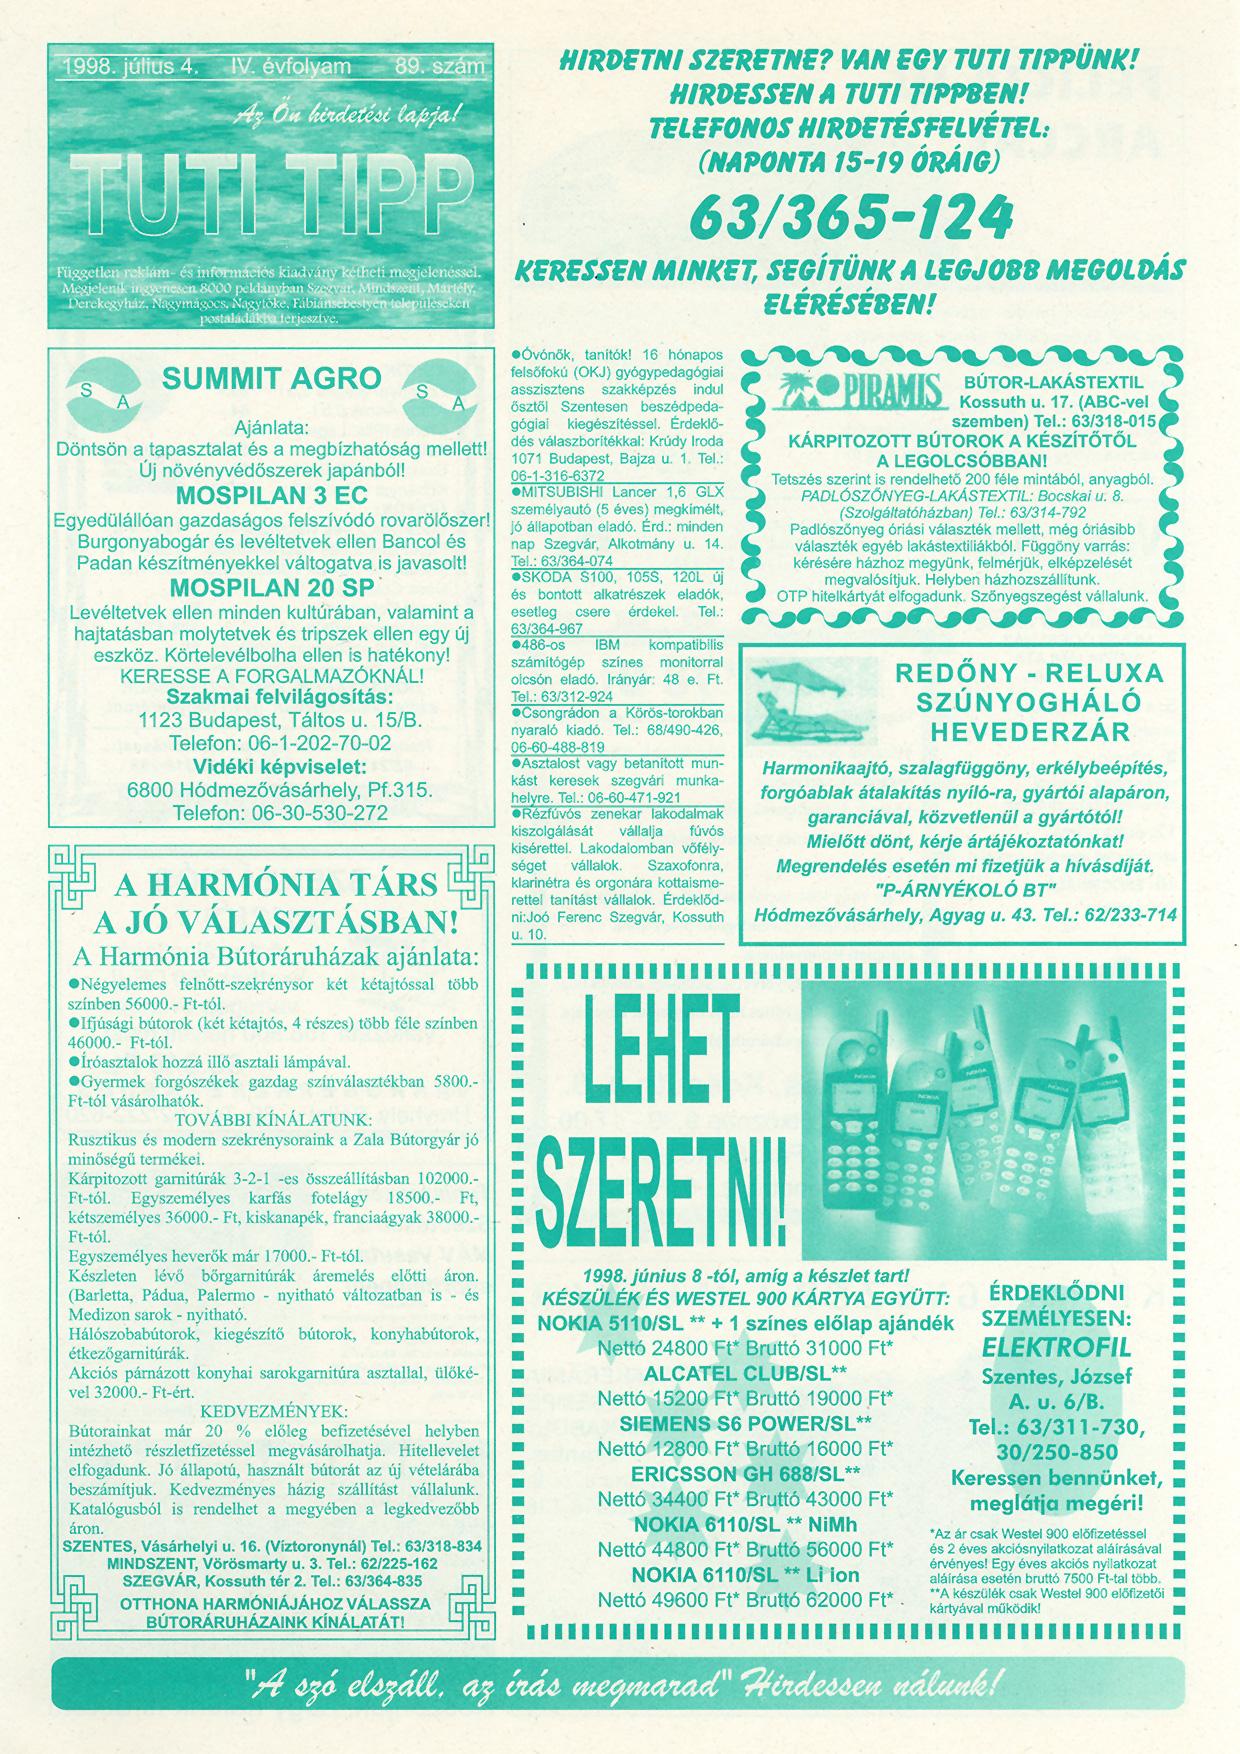 025 Tuti Tipp reklámújság - 19980704-089. lapszám - 1.oldal - IV. évfolyam.jpg